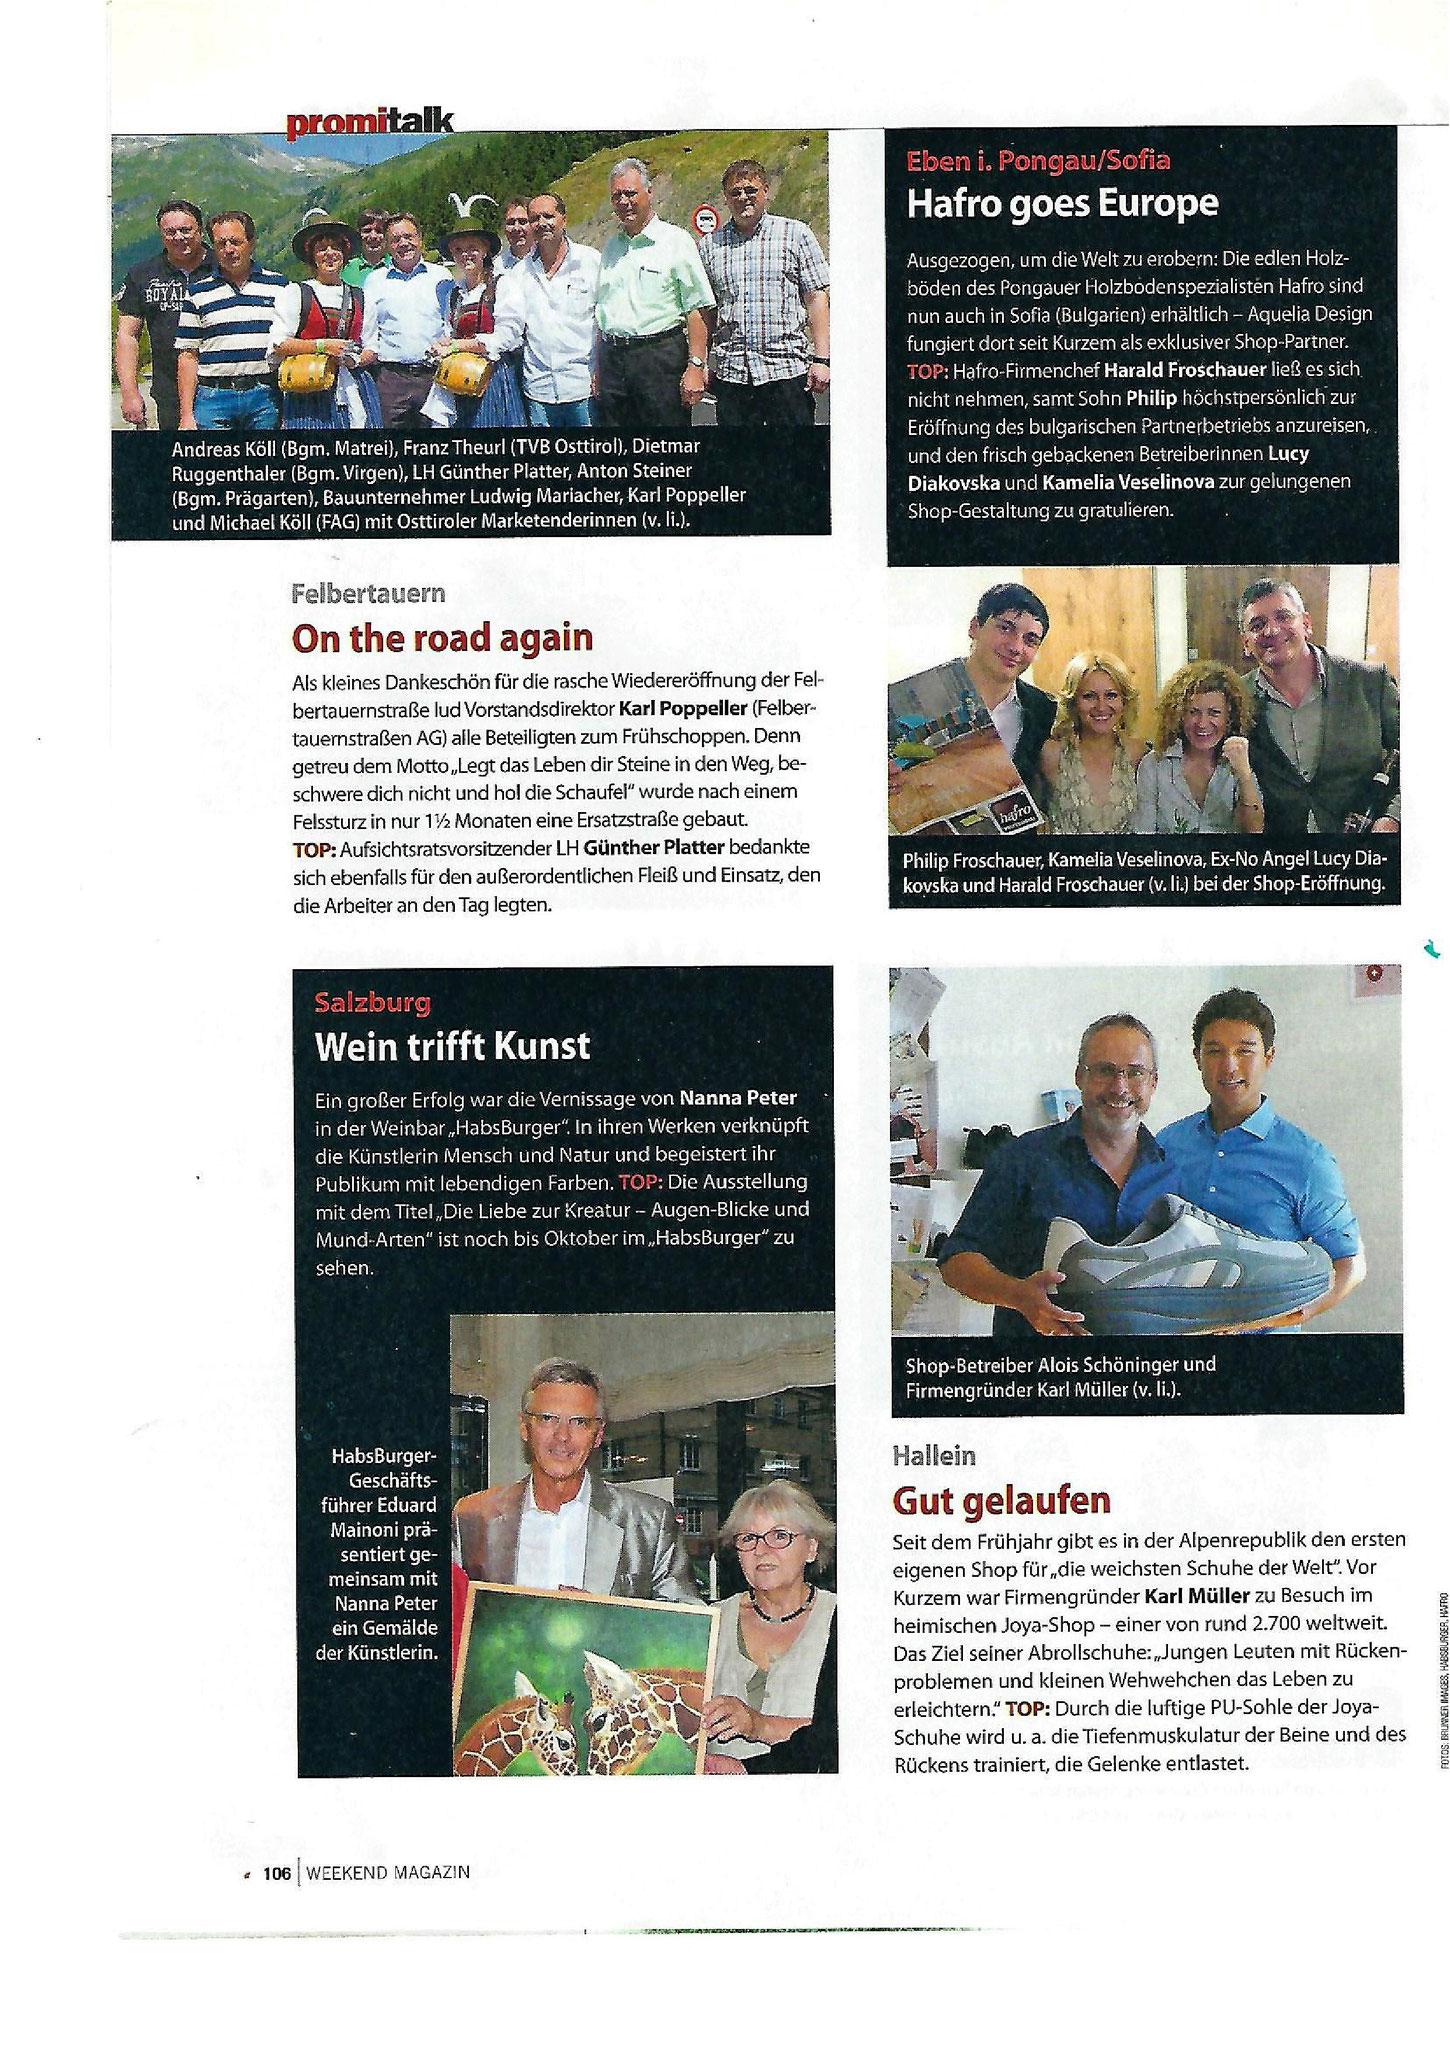 Artikel im Weekend-Magazin